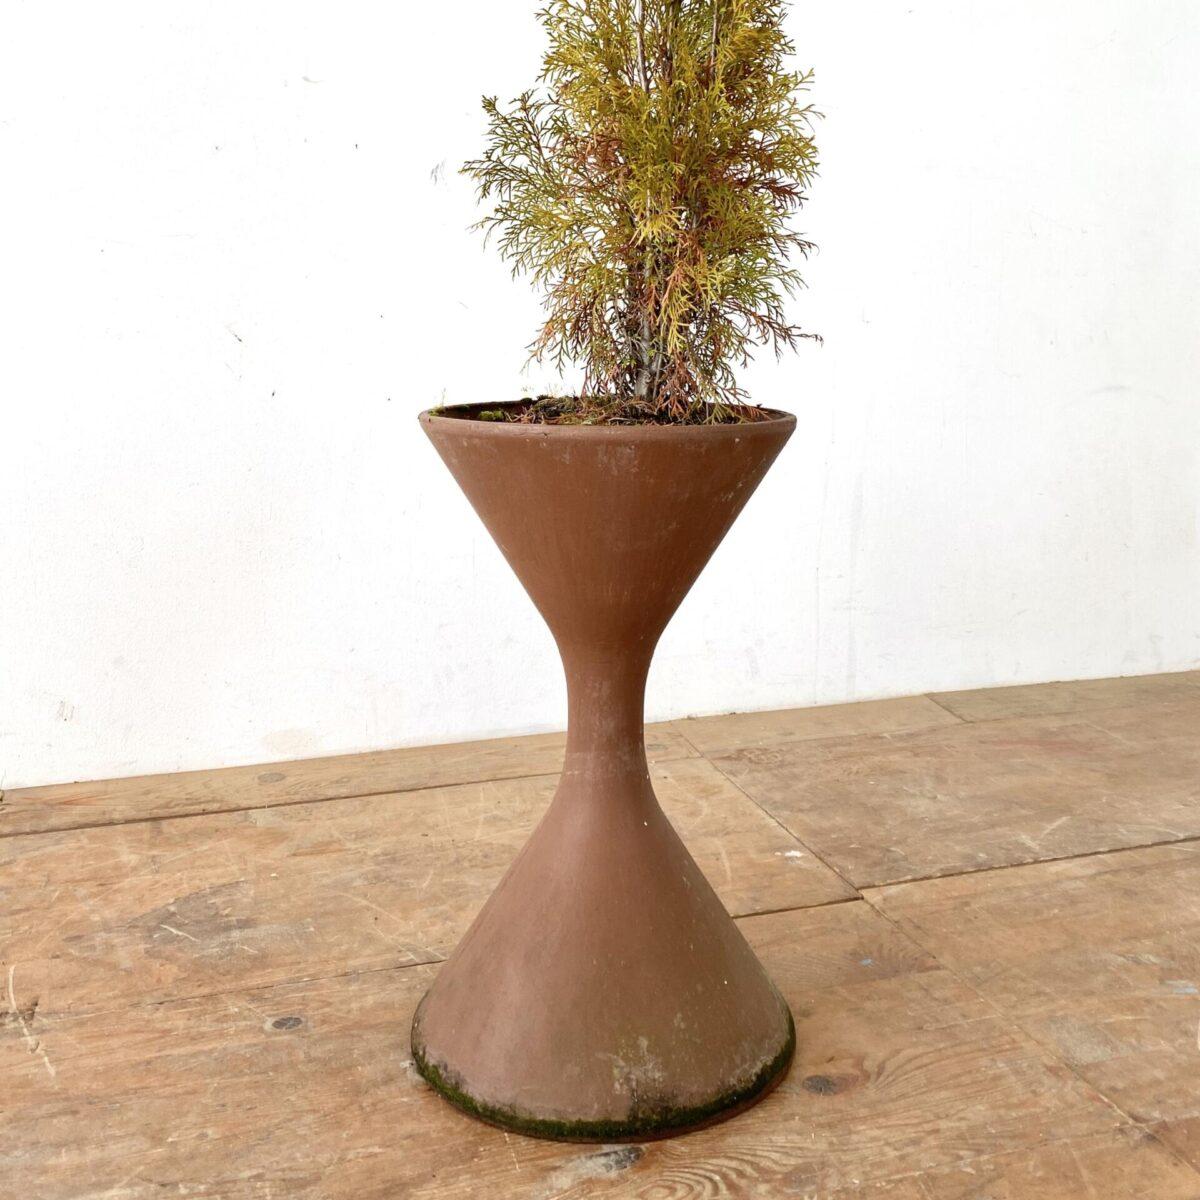 Deuxieme.shop midcentury willy Guhl swissdesign. Kleine Eternit Pflanzen Spindel von Willy Guhl. Durchmesser 38cm Höhe 60cm. Preis pro Stück. Der kleine Tisch kann andersrum gestellt, ebenfalls bepflanzt werden. Durchmesser 63cm Höhe 56.5cm. Zu den Spindeln gibt es runde Plastik Schalen.